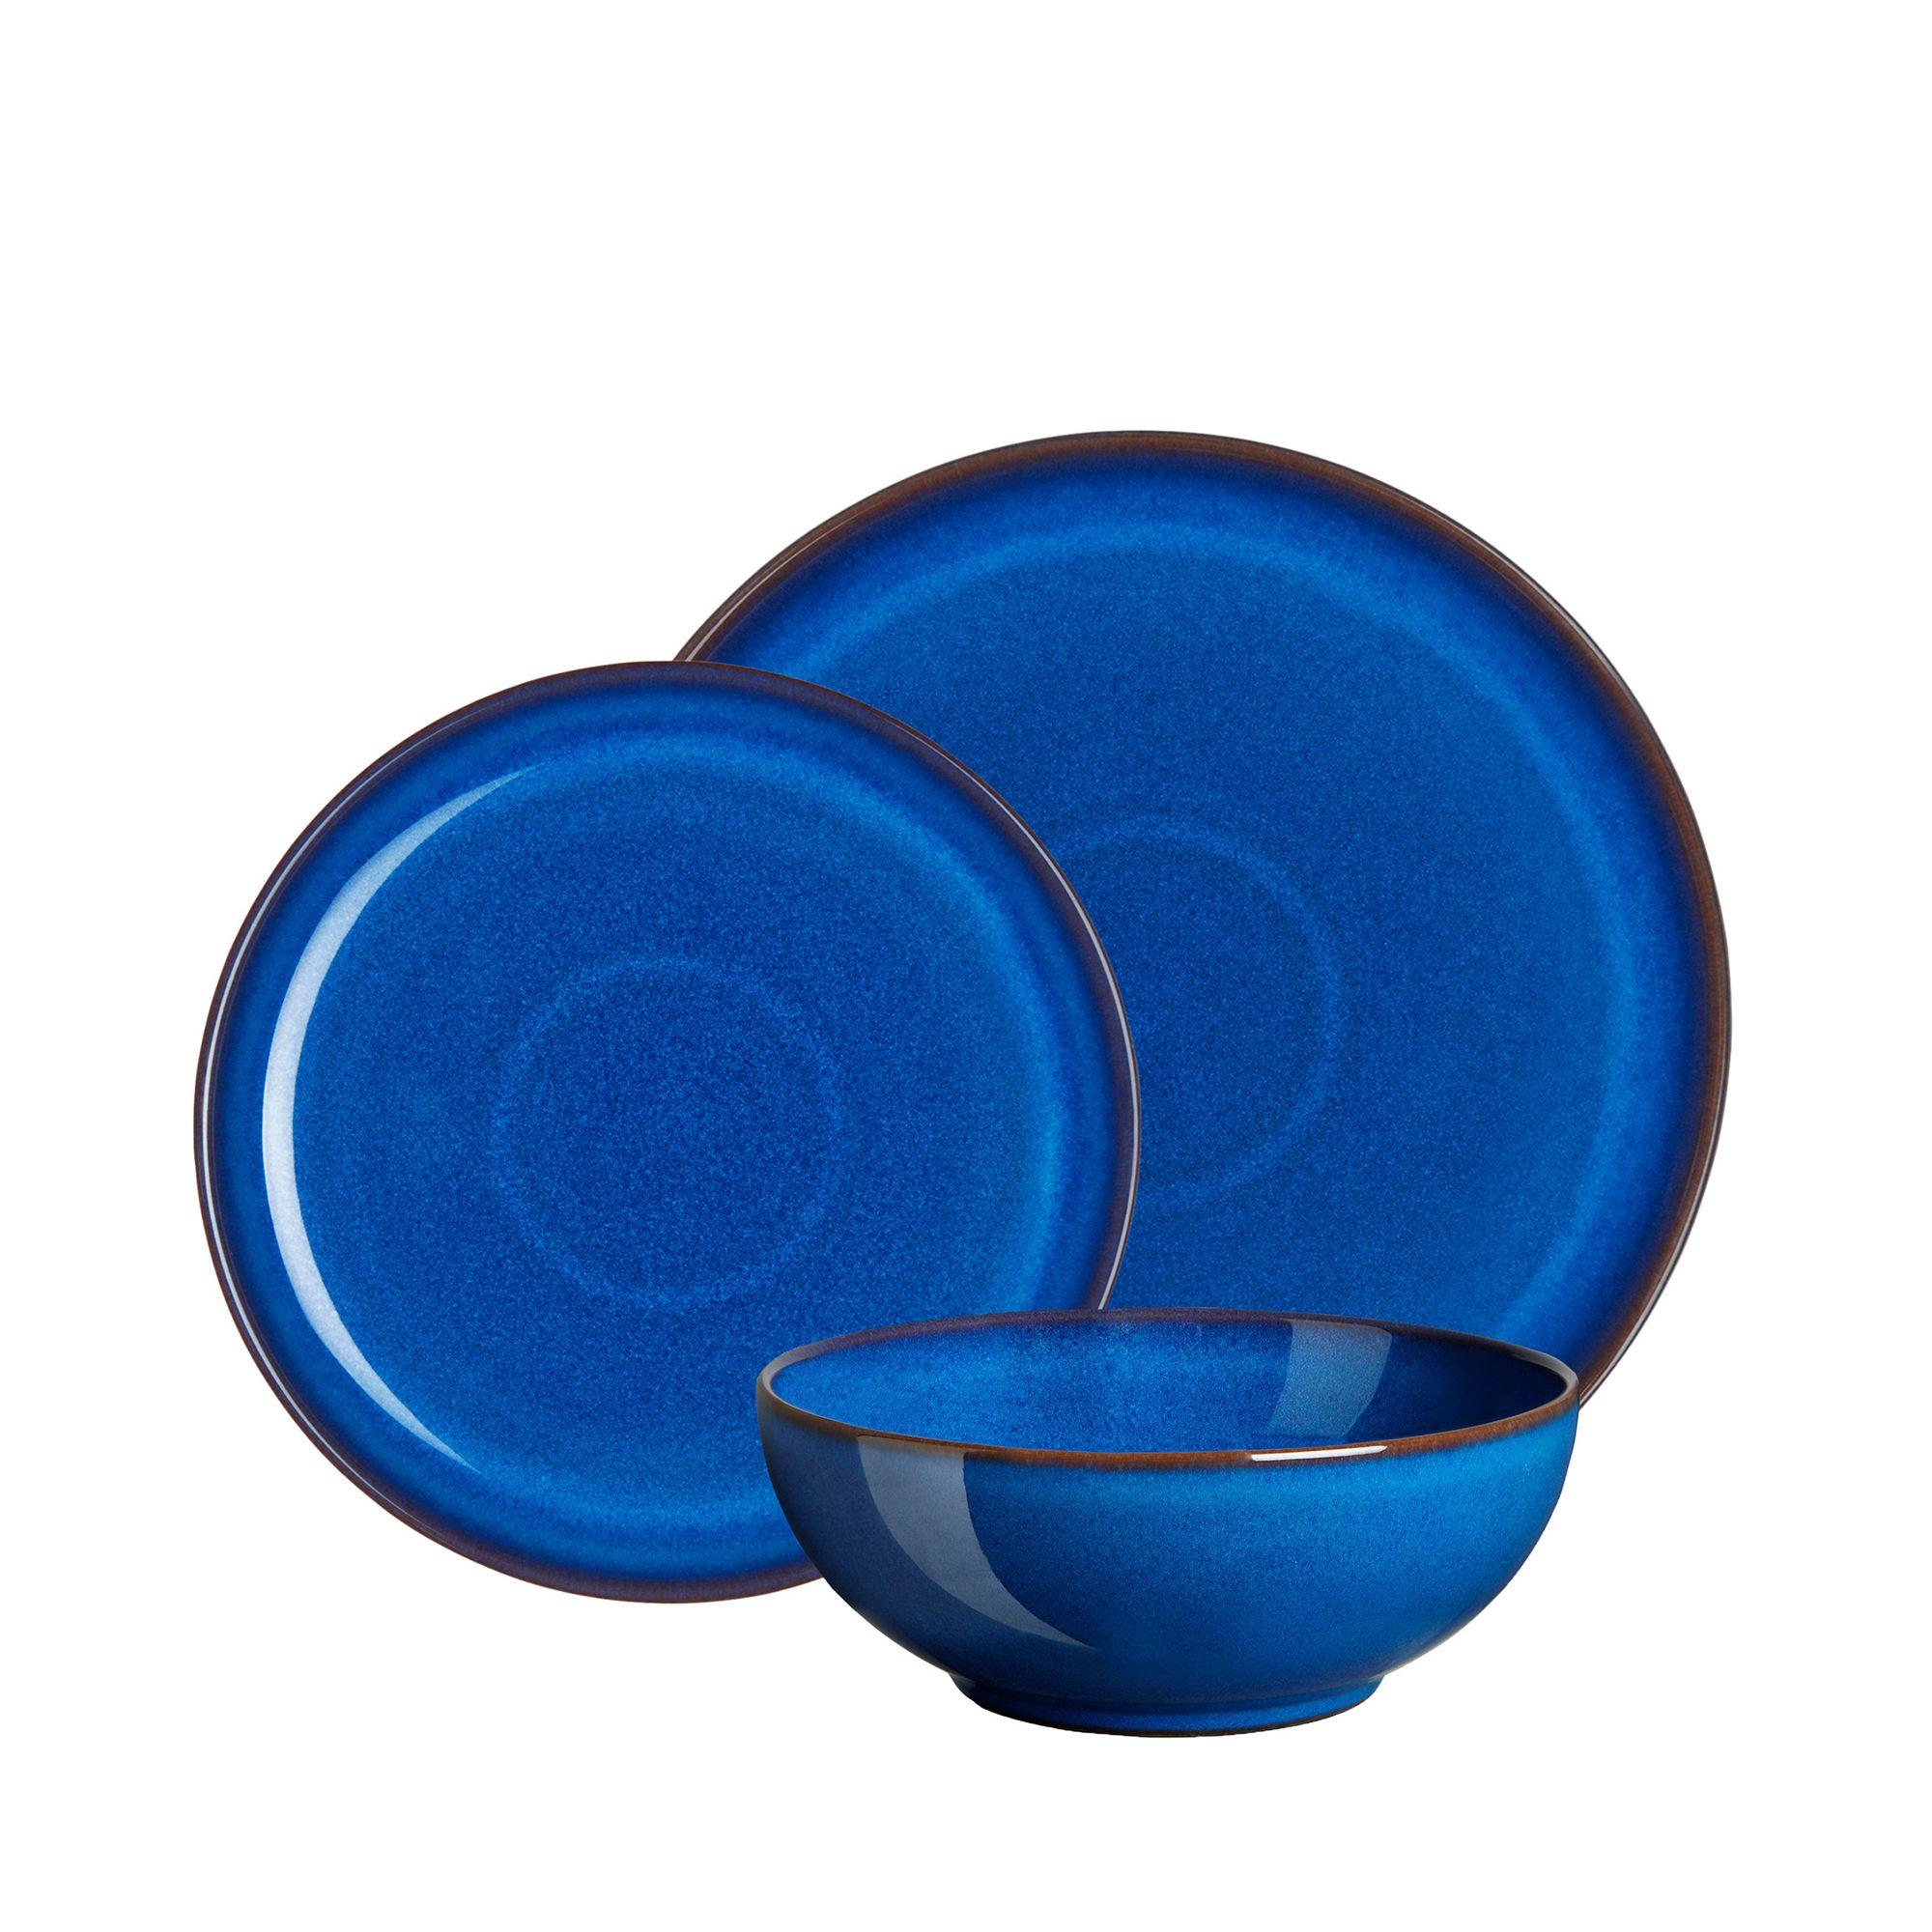 denby imperial blue 12 piece dinner set from debenhams ebay. Black Bedroom Furniture Sets. Home Design Ideas